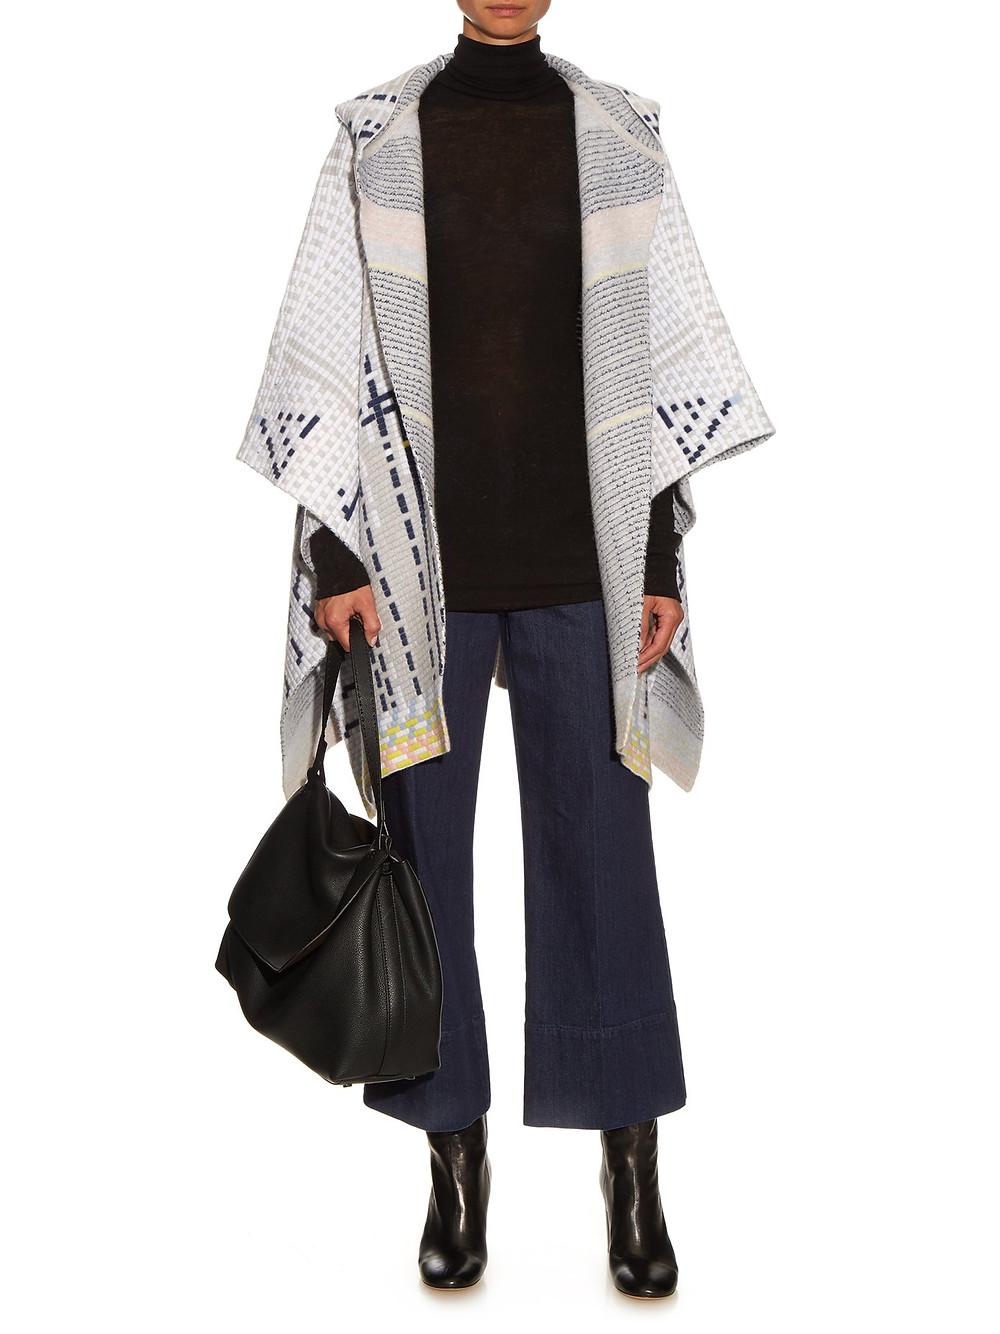 Peter Pilotto Ottaman knit wool-blend cape $750